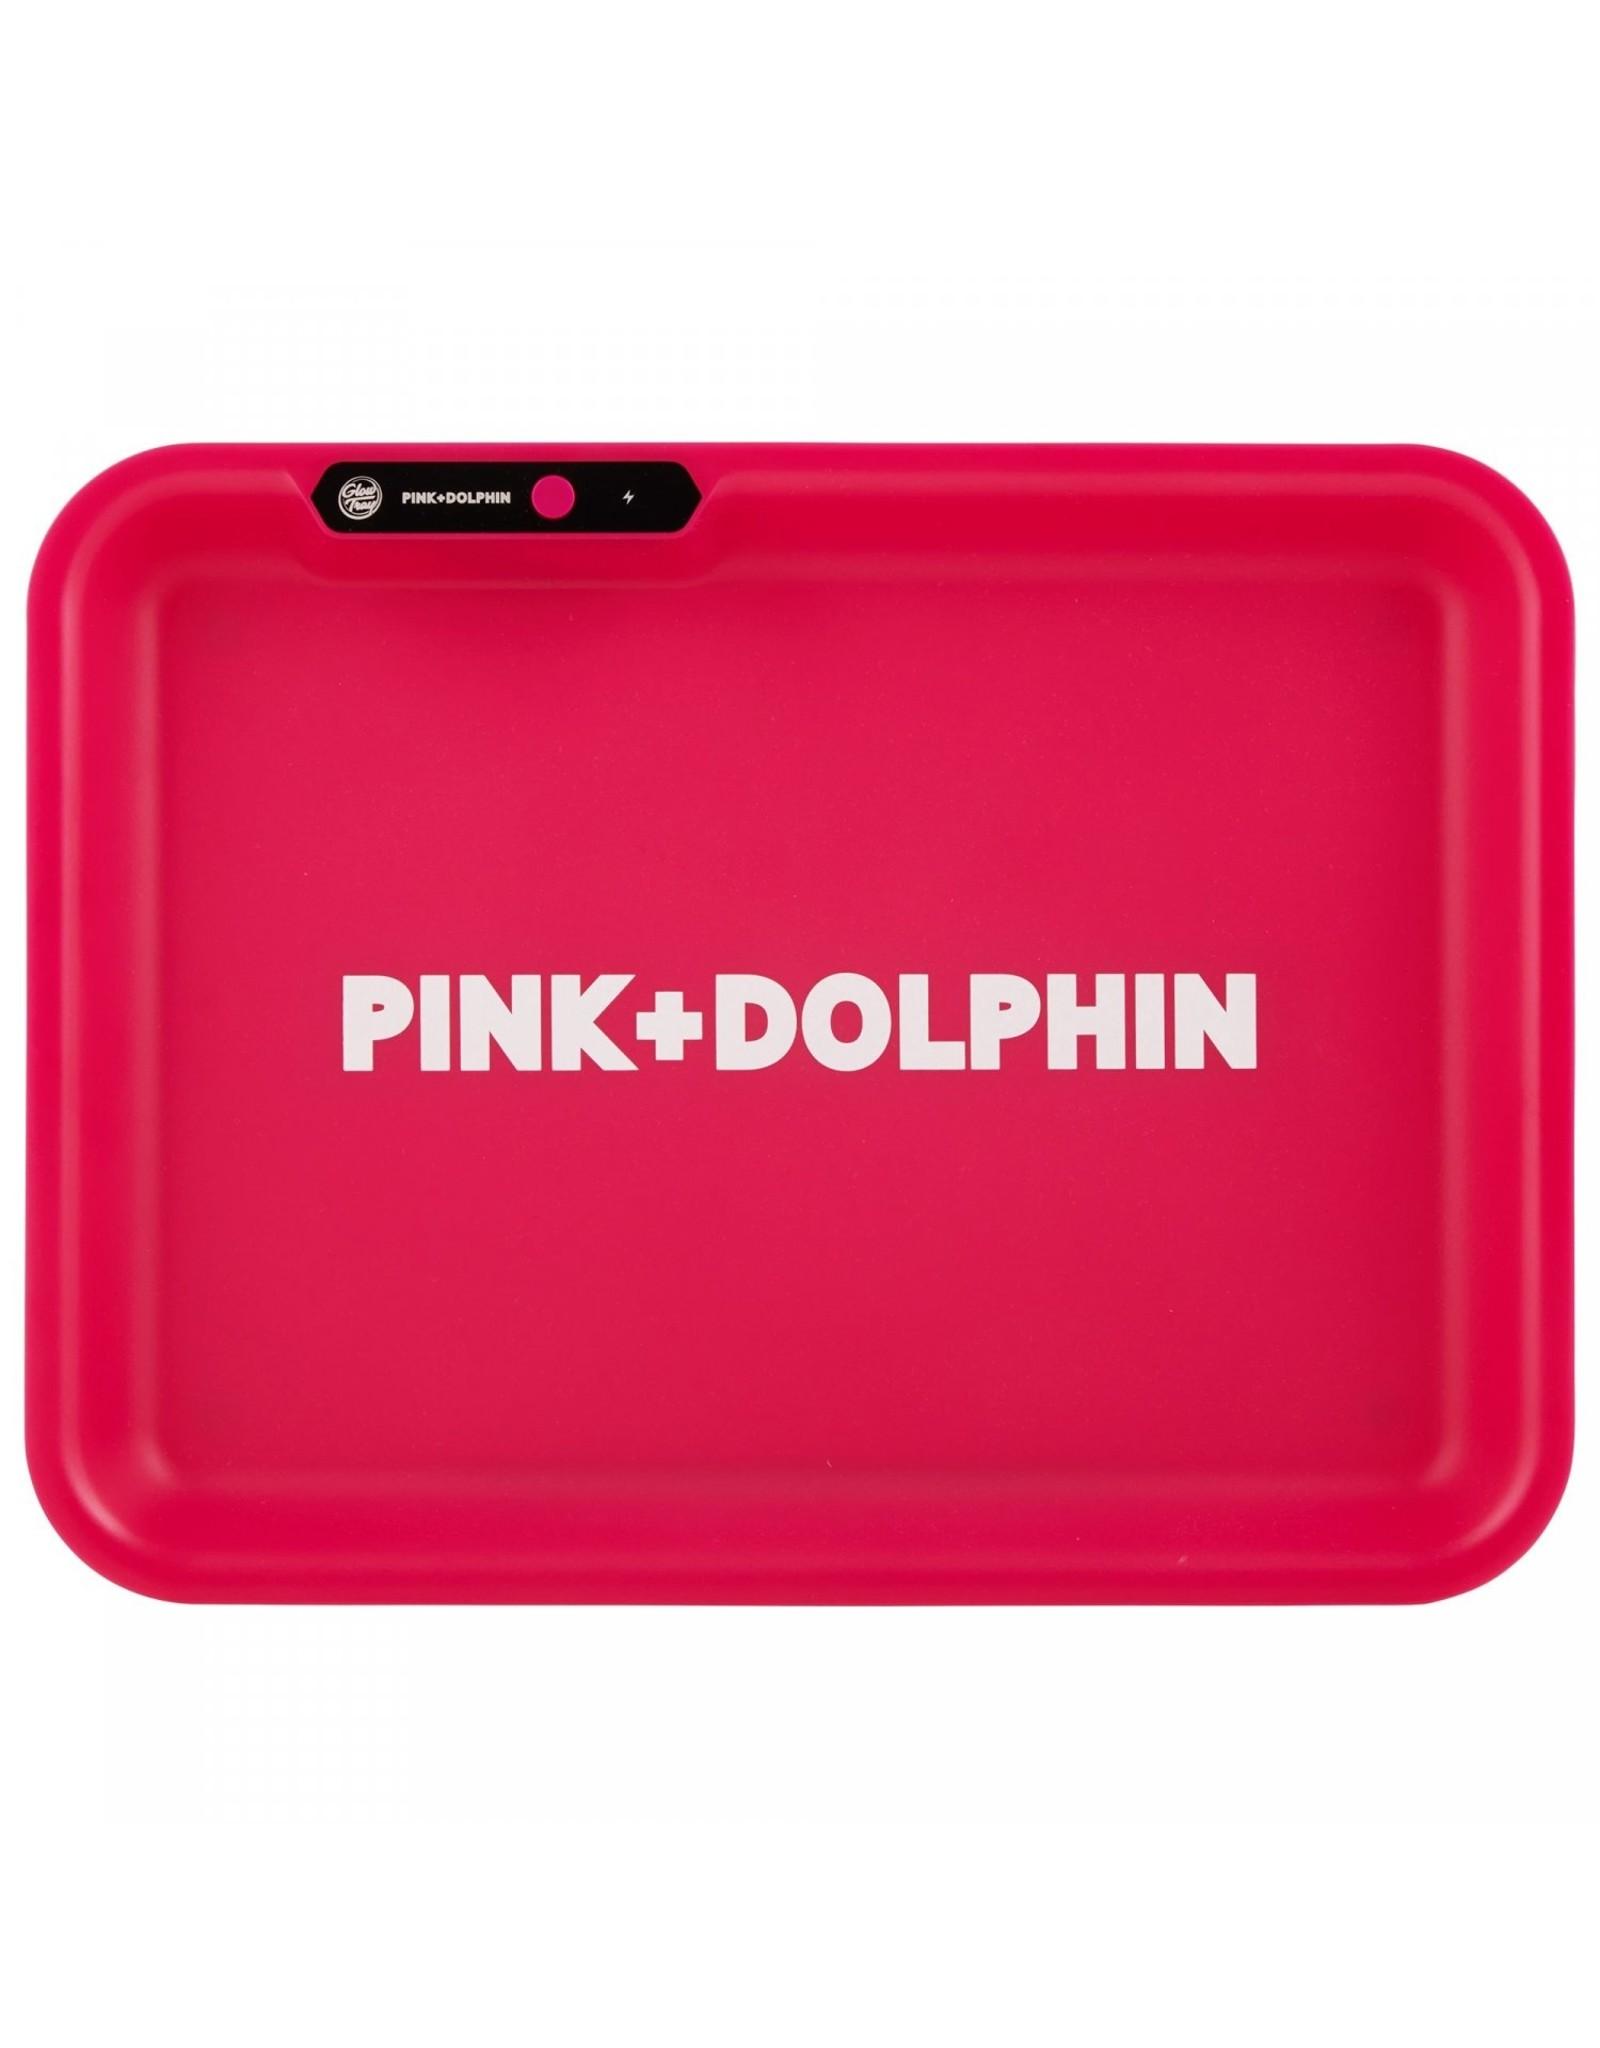 Glow Tray Pink Dolphine Glow Tray